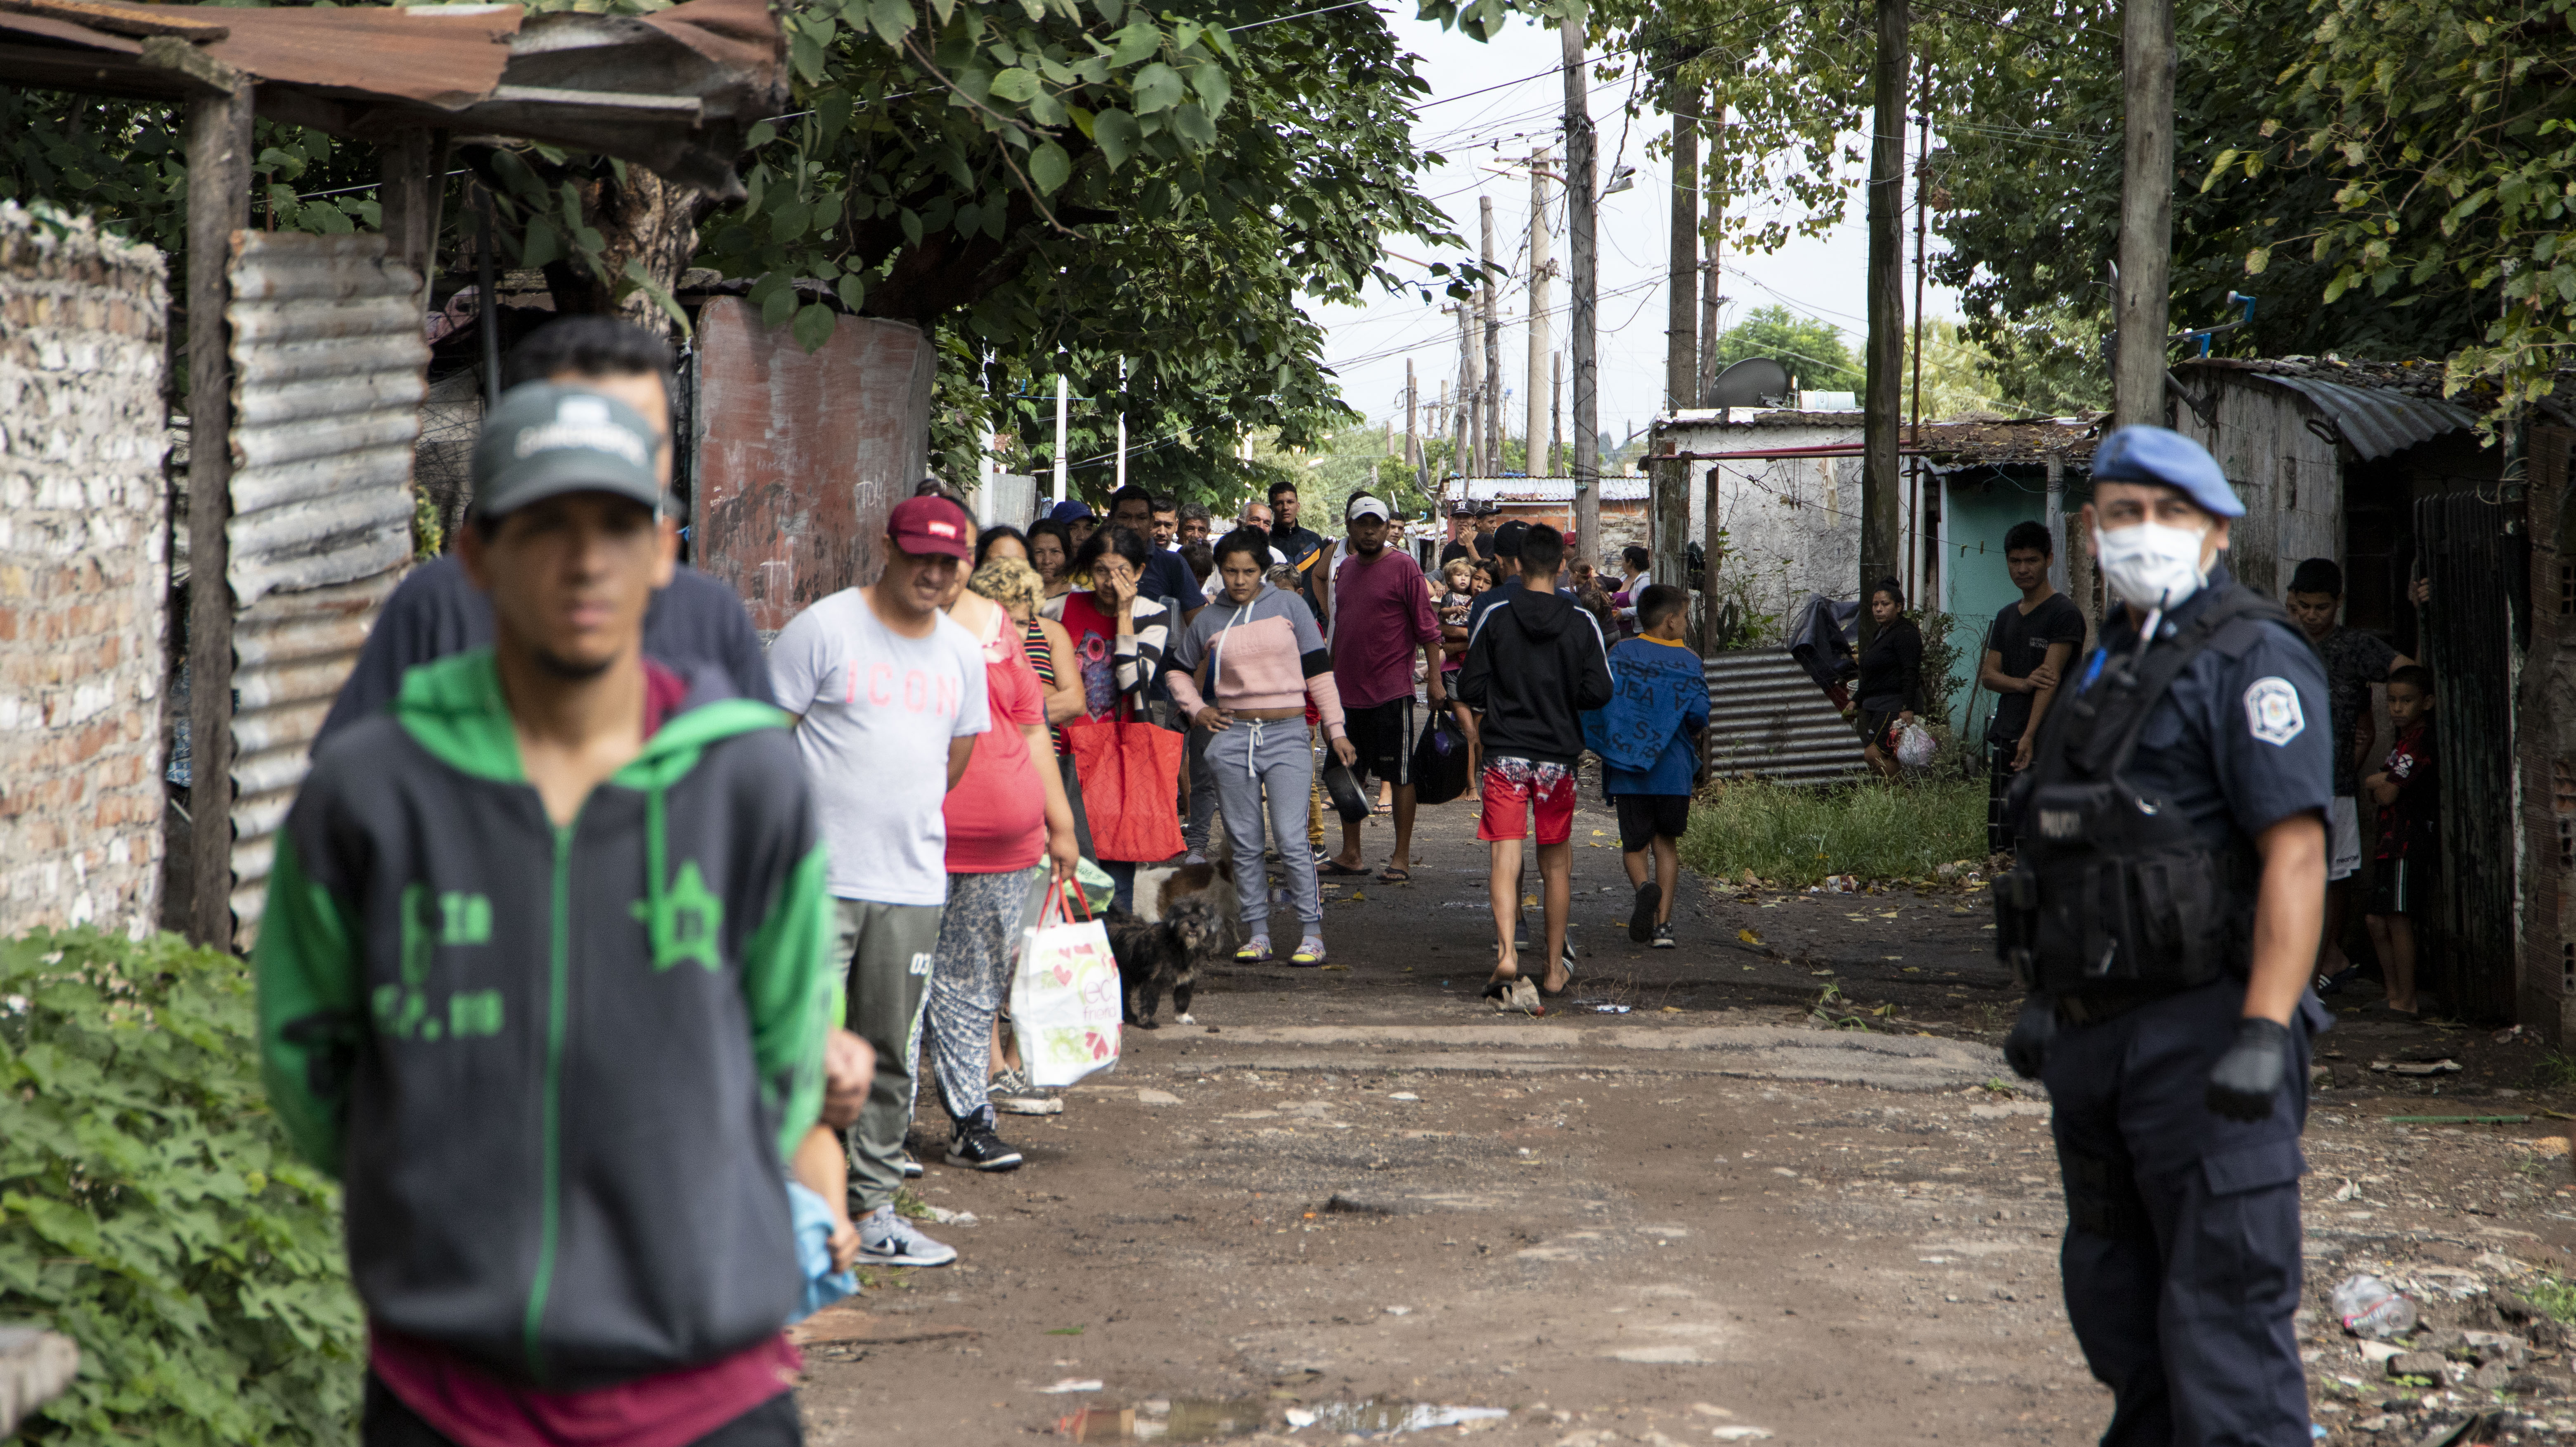 Miles de vecinos rompieron la cuarentena para buscar un plato de comida en el medio de la crisis sanitaria y económica